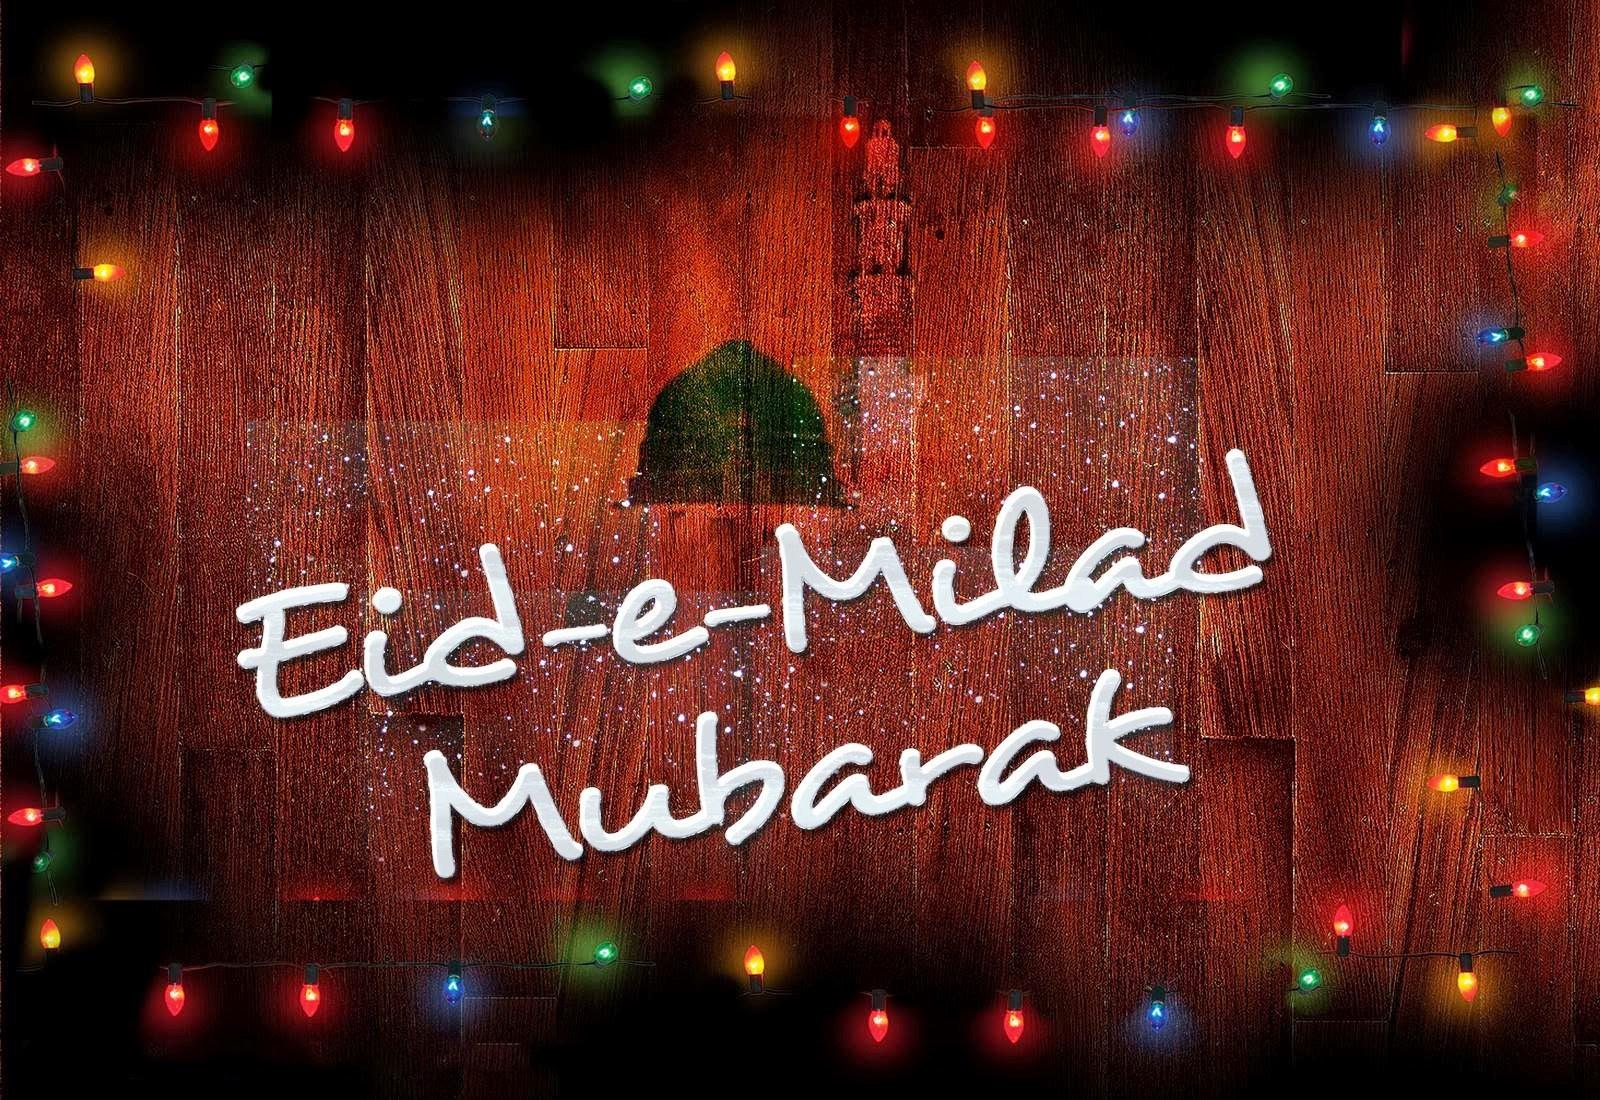 rabi ul awal mubarik hd free wallpapers for desktop